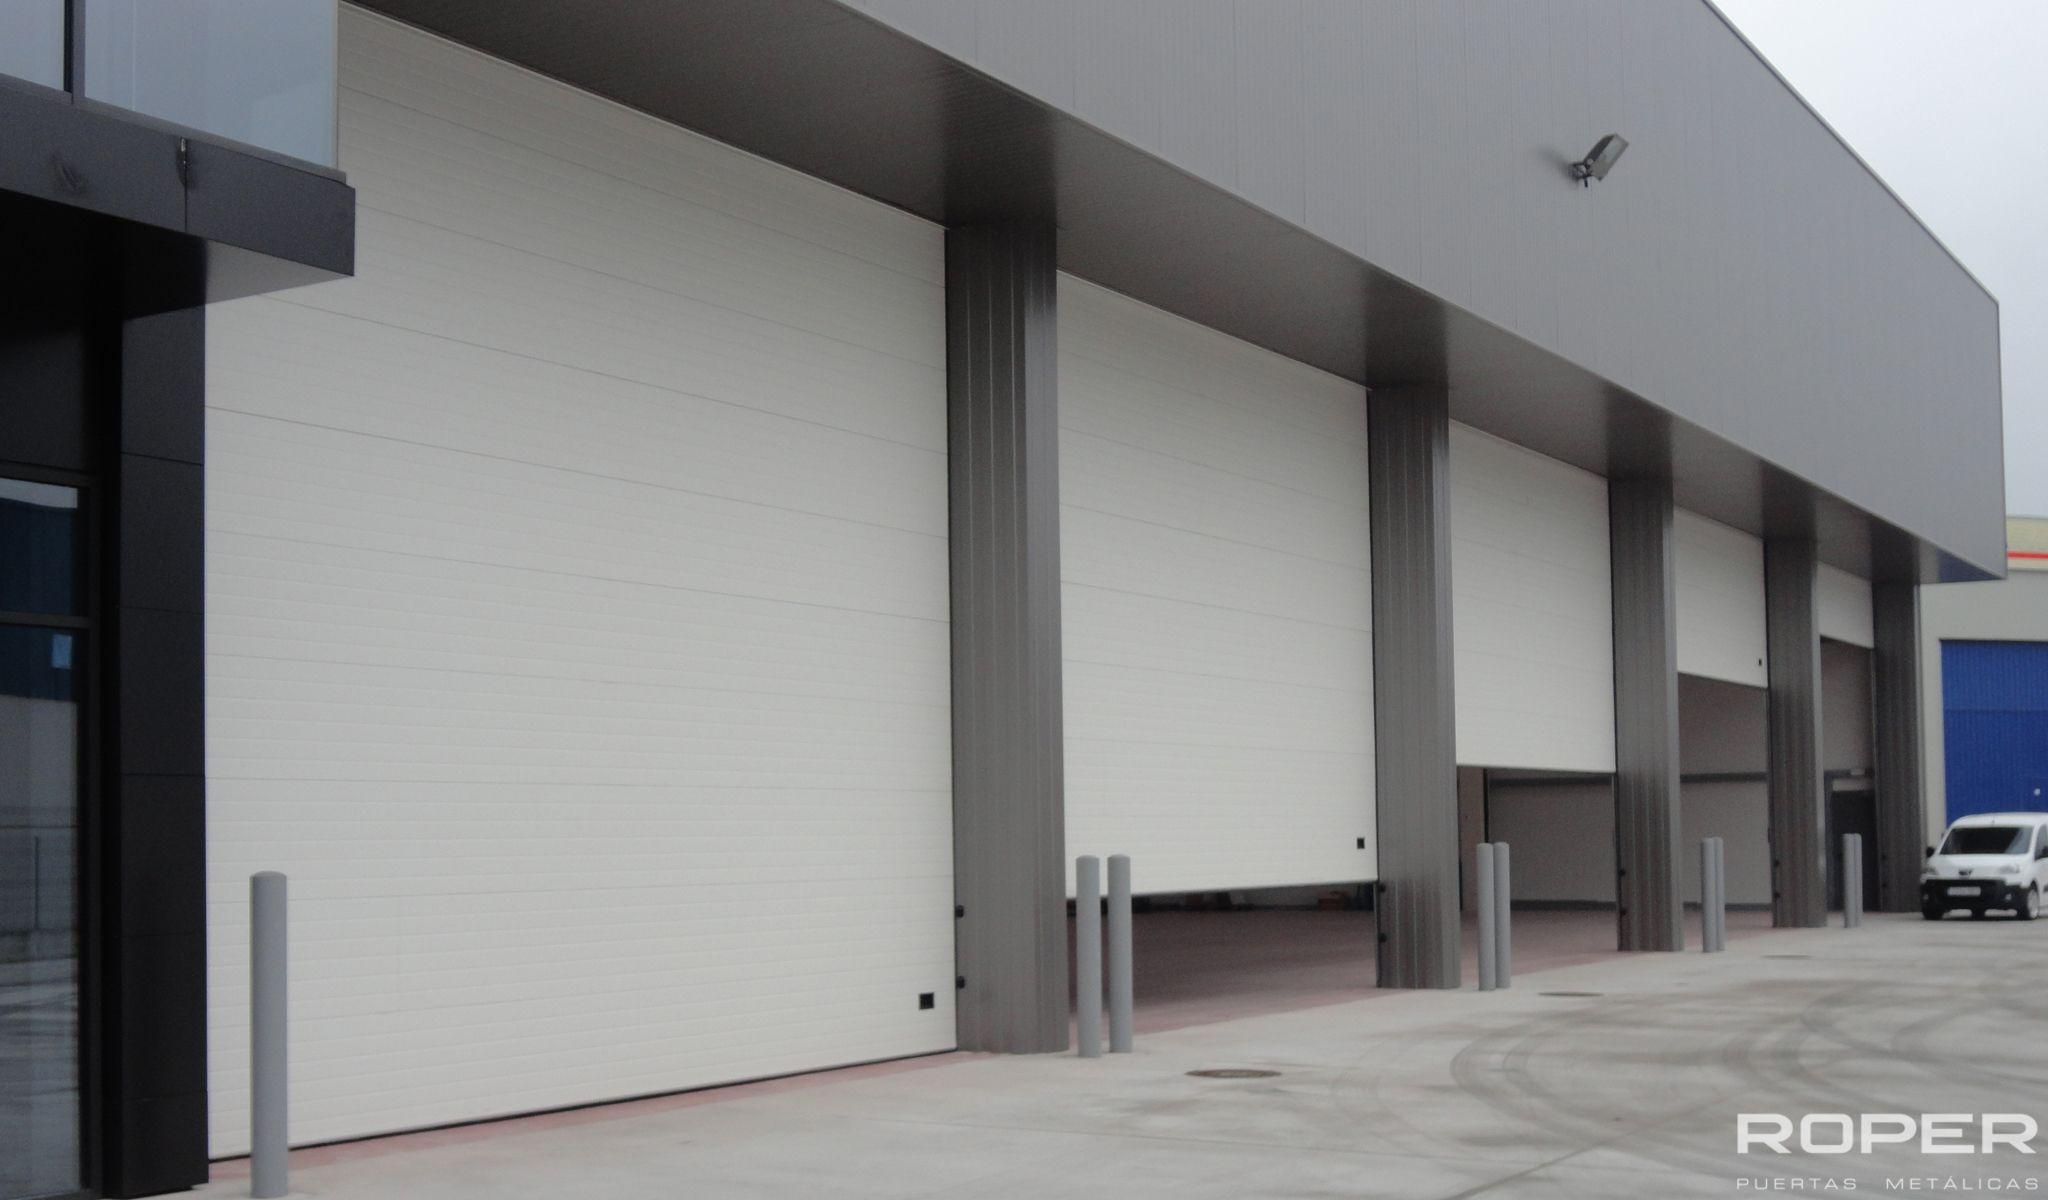 puertas met licas industriales adecuaci n a tu empresa